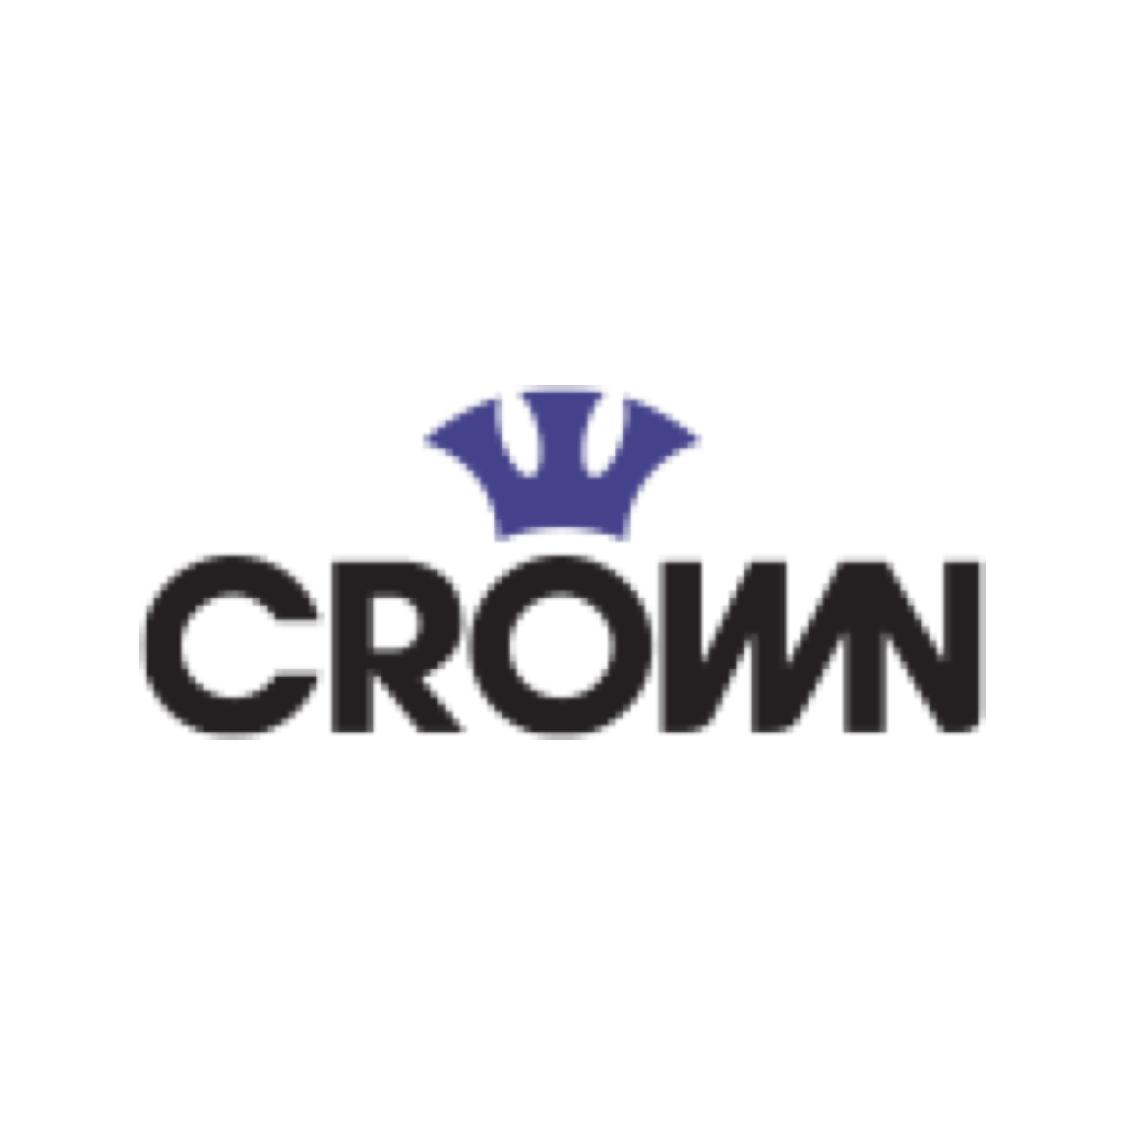 クラウン・パッケージ ロゴ